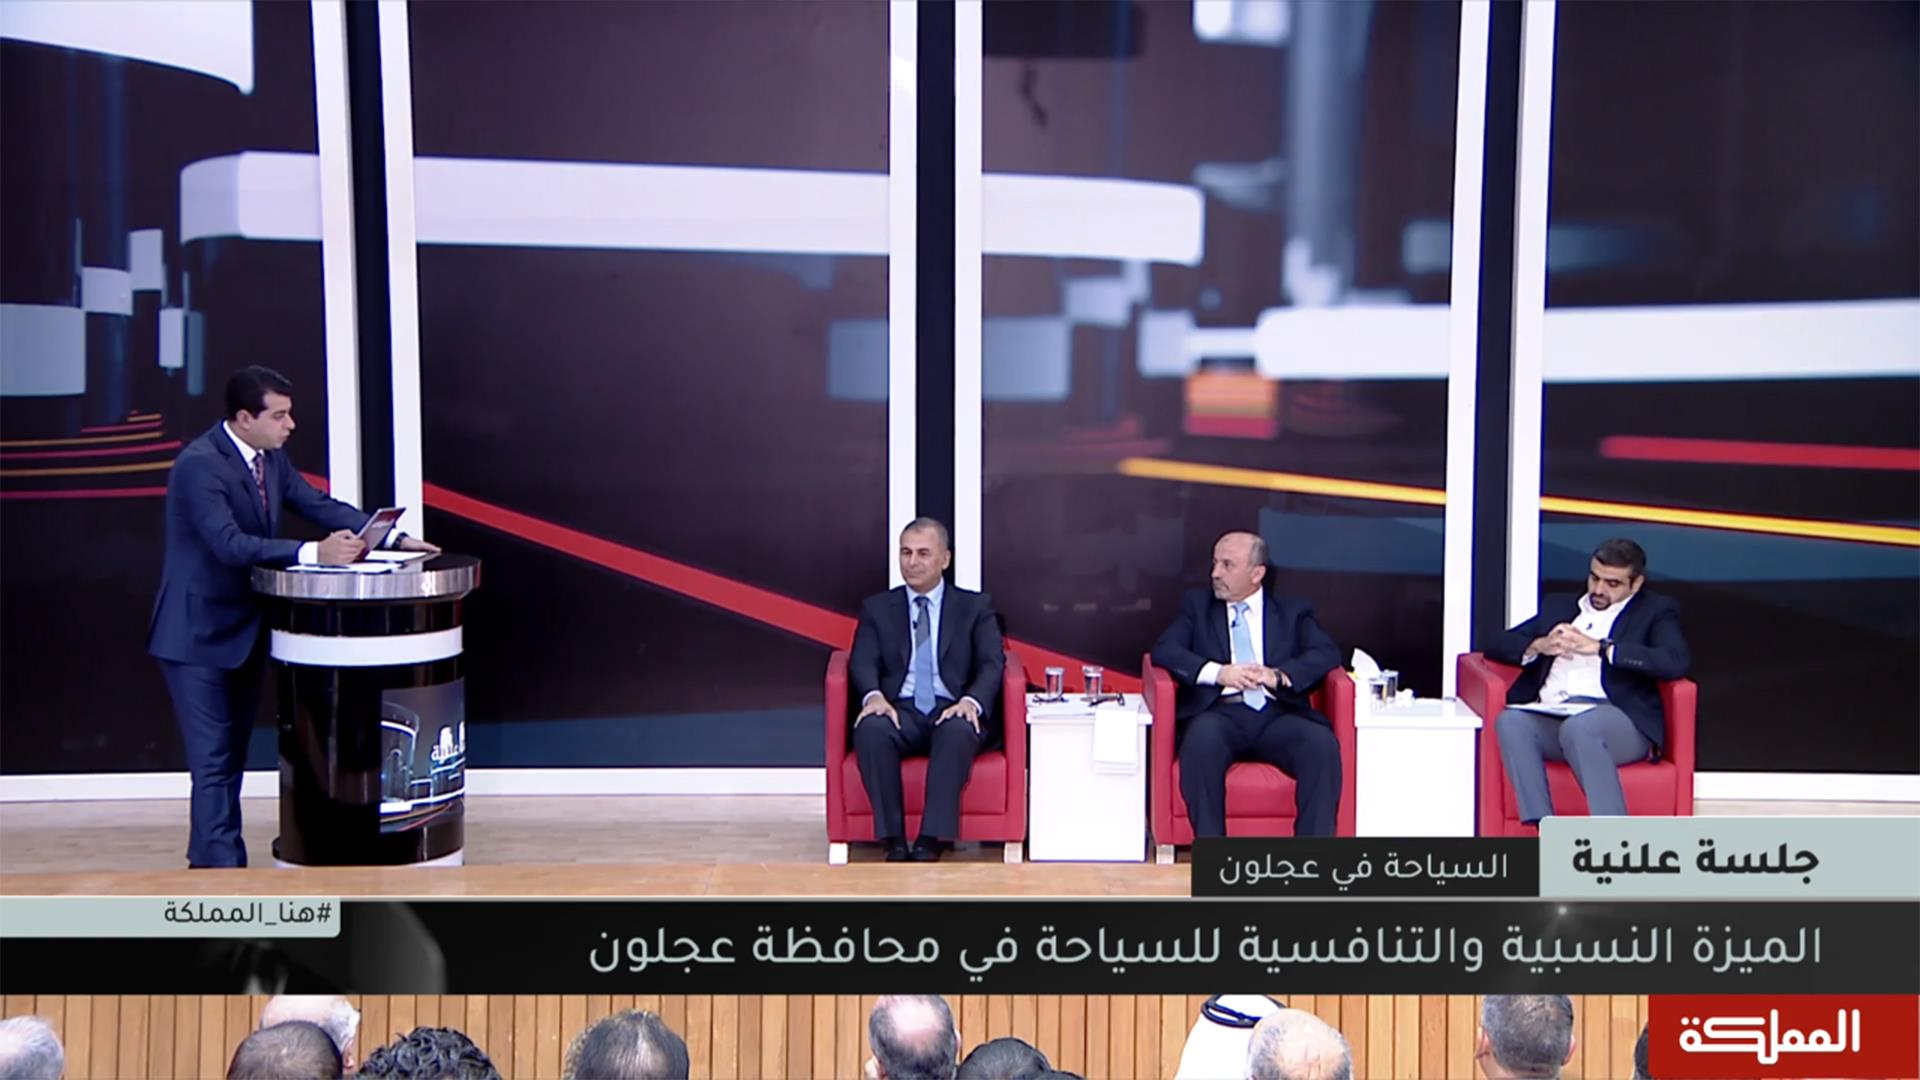 جلسة علنية | الميزة النسبية والتنافسية للسياحة في محافظة عجلون